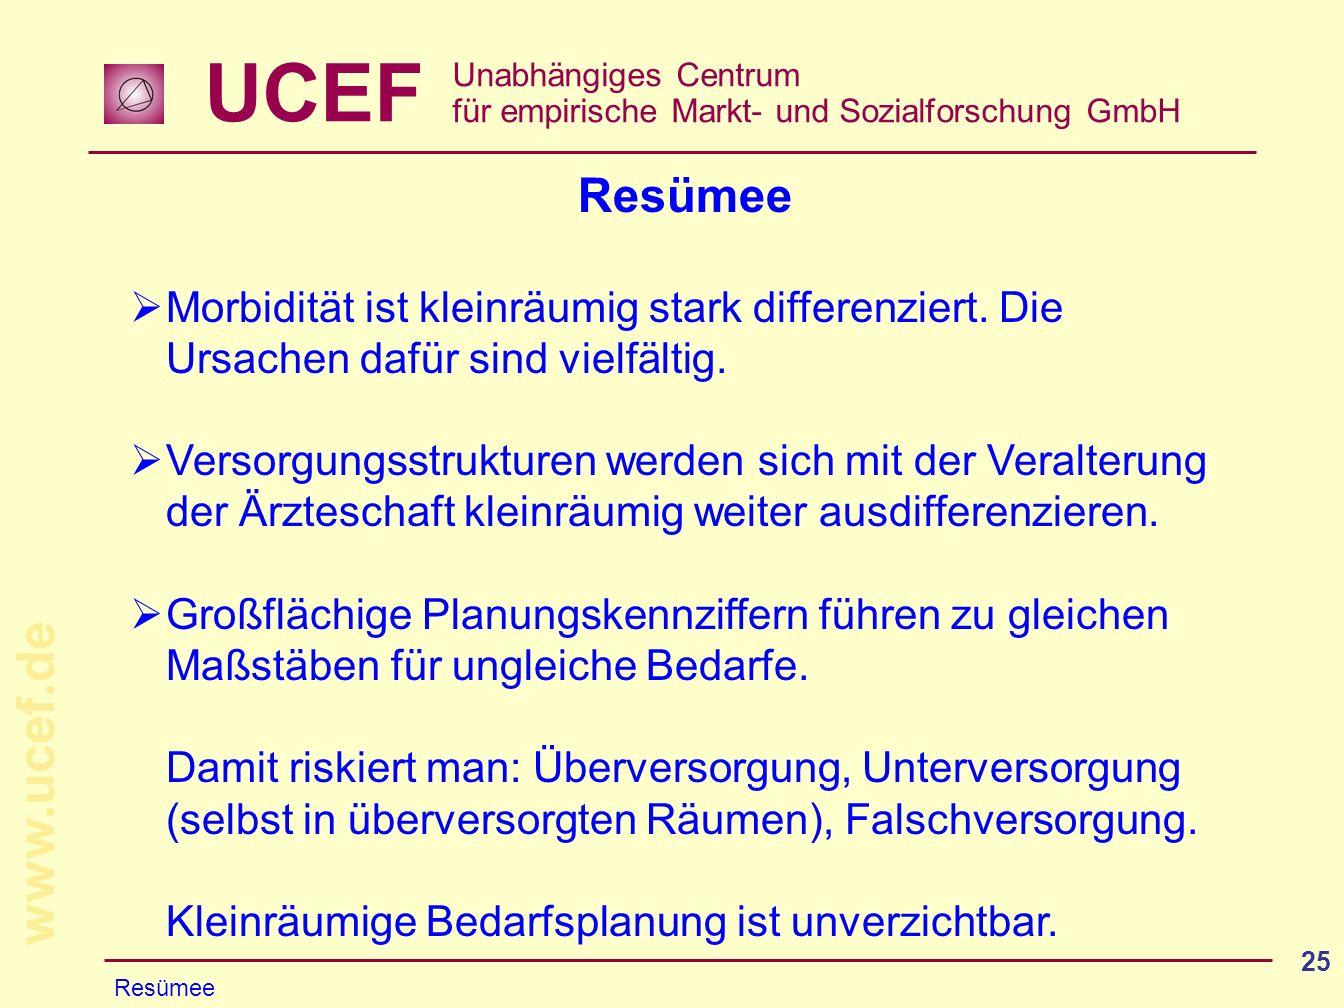 UCEF Unabhängiges Centrum für empirische Markt- und Sozialforschung GmbH www.ucef.de 25 Resümee Morbidität ist kleinräumig stark differenziert. Die Ur